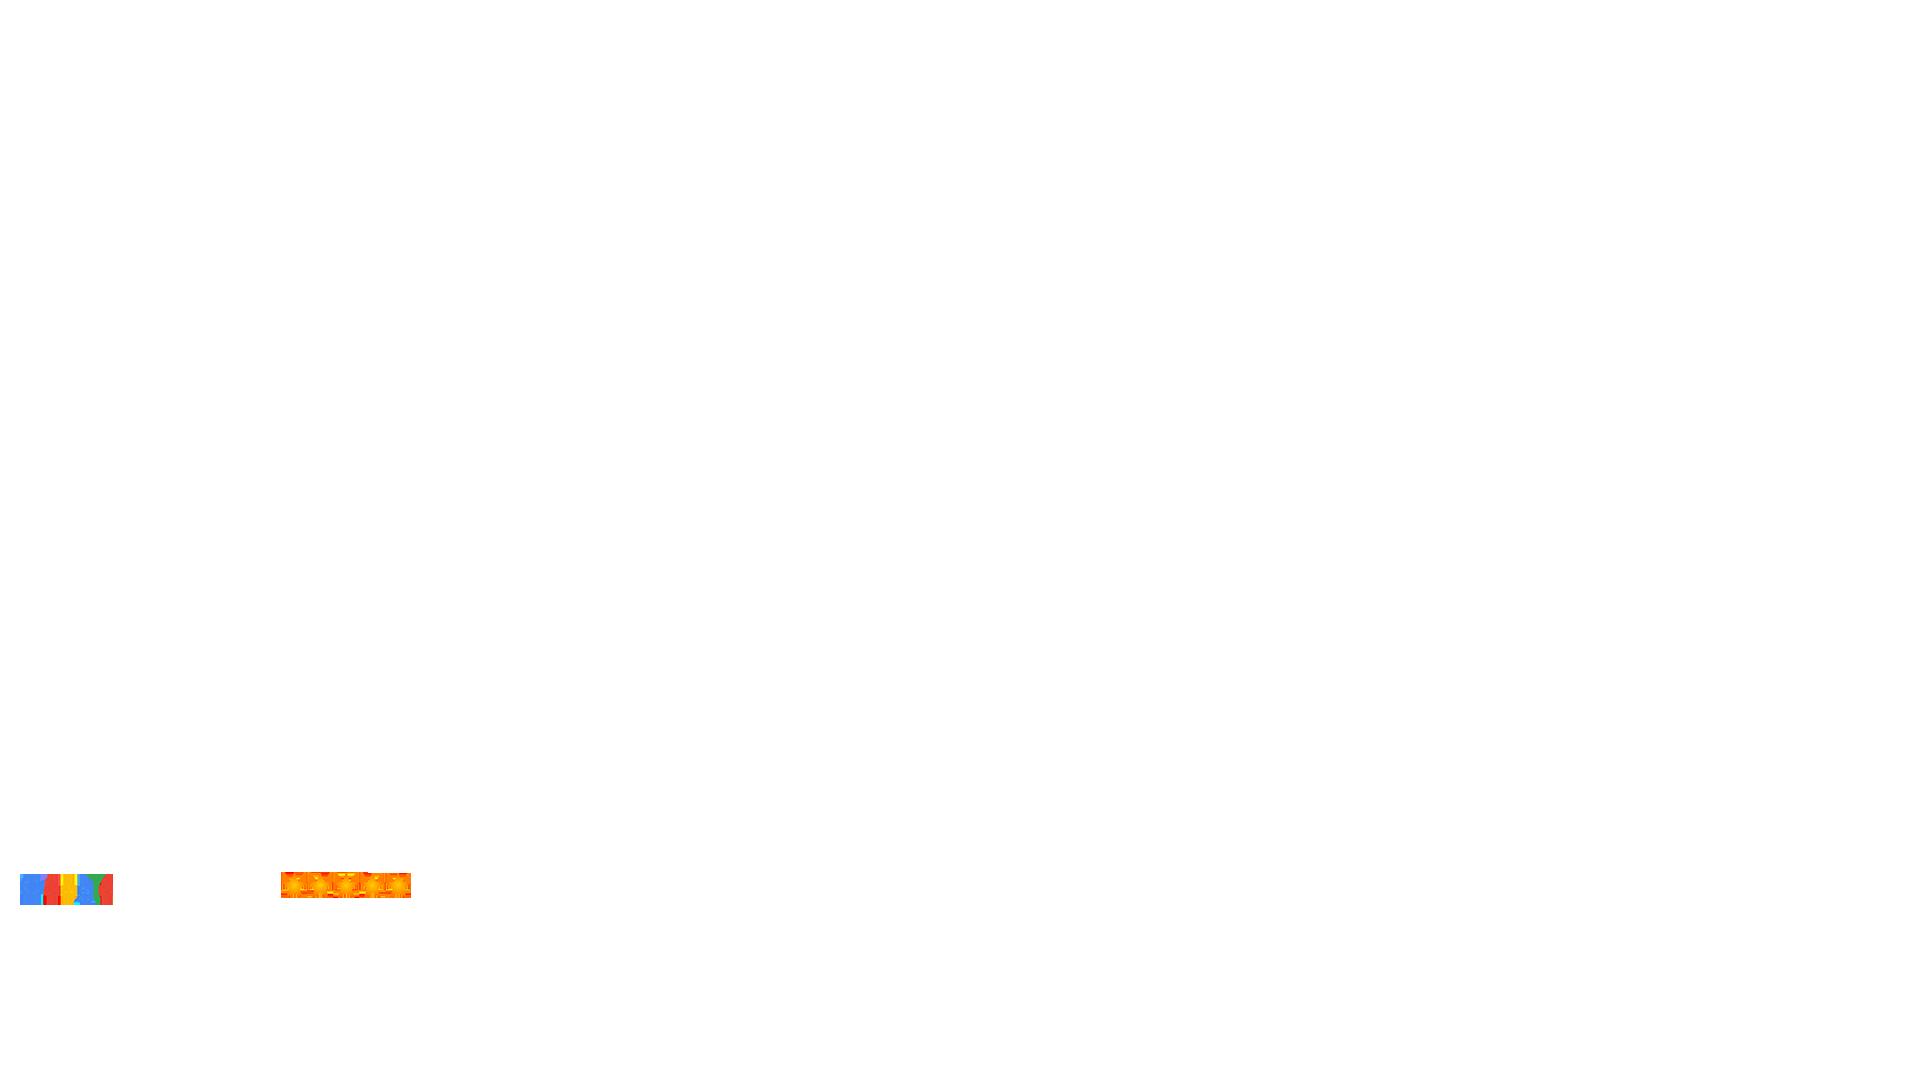 Plumbing Nj Licensed Amp Insured Plumber 24 7 888 333 2422